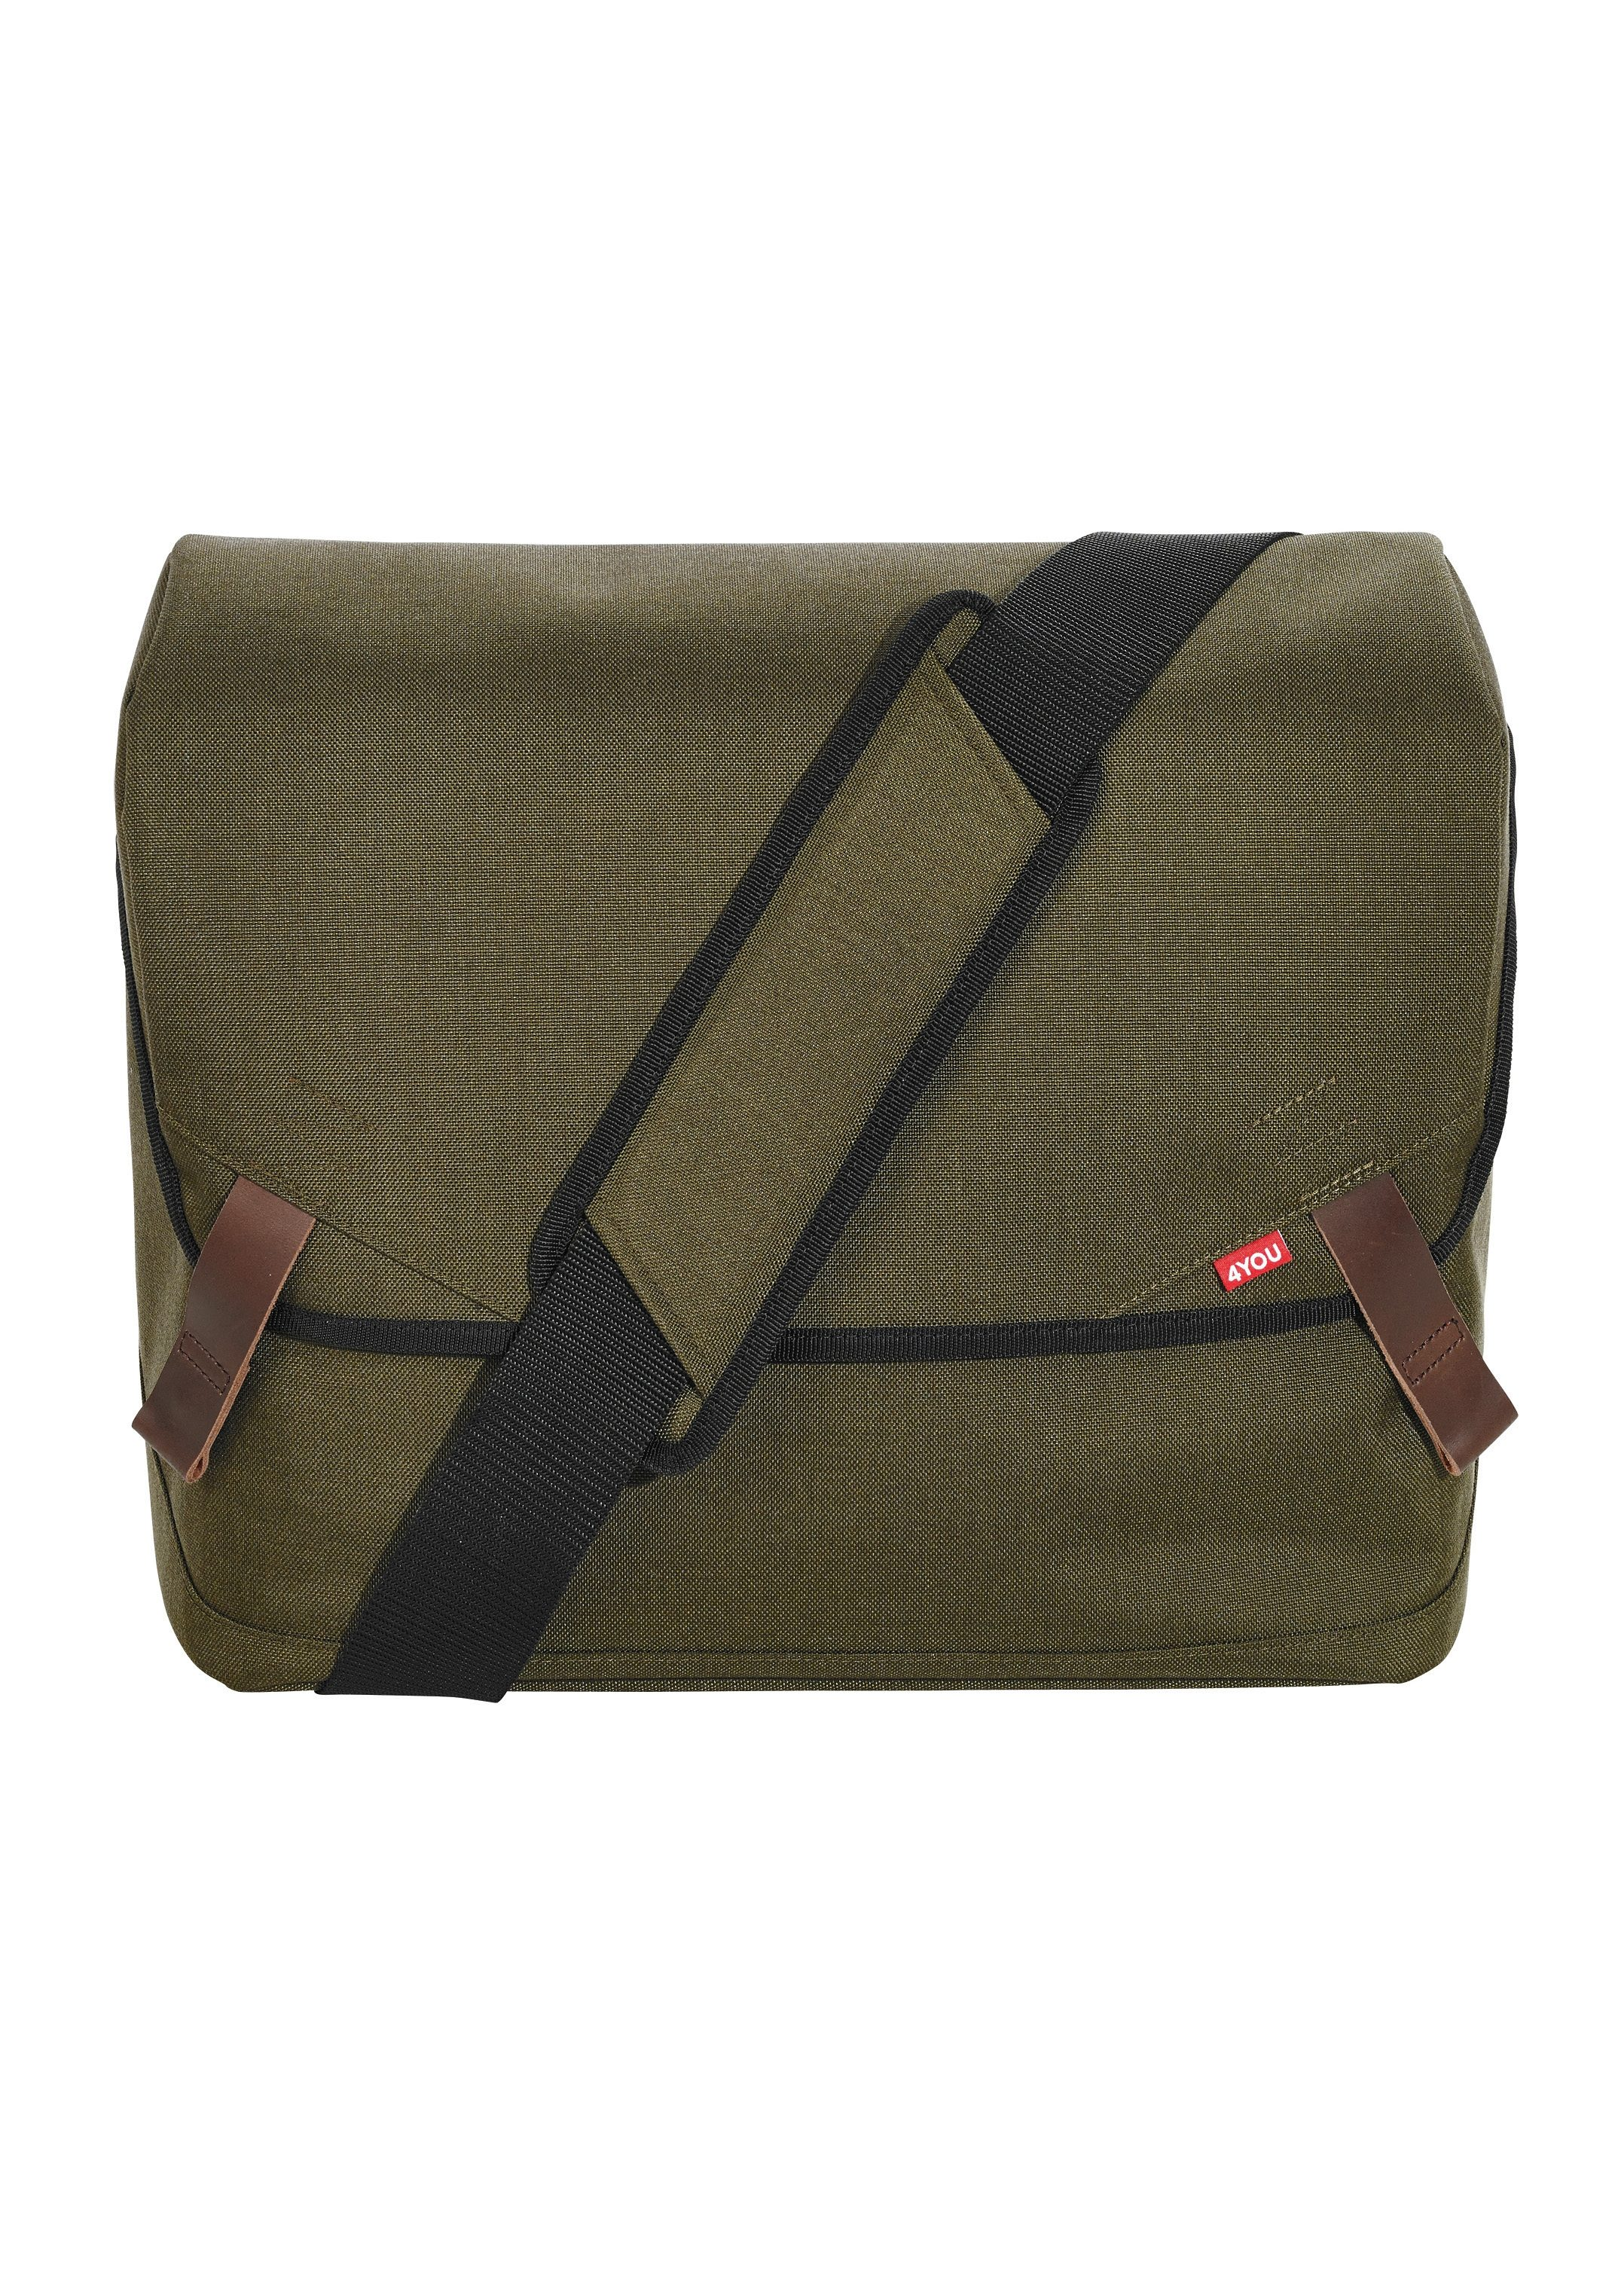 4YOU Umhängetasche mit Laptopfach, Olive, »Messengerbag«